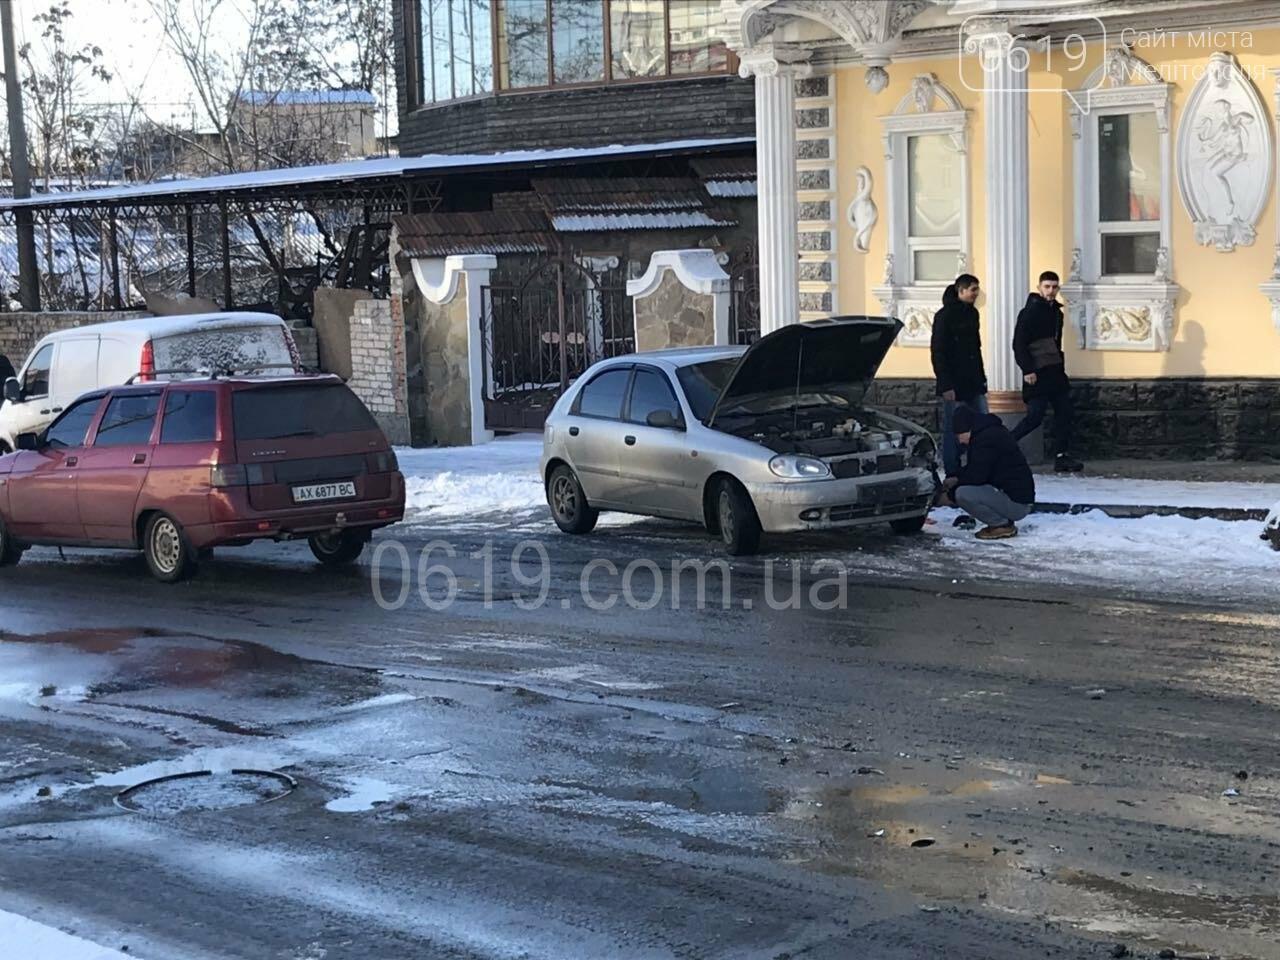 """В Мелитополе """"лоб в лоб"""" столкнулись два автомобиля, - ФОТО , фото-2"""